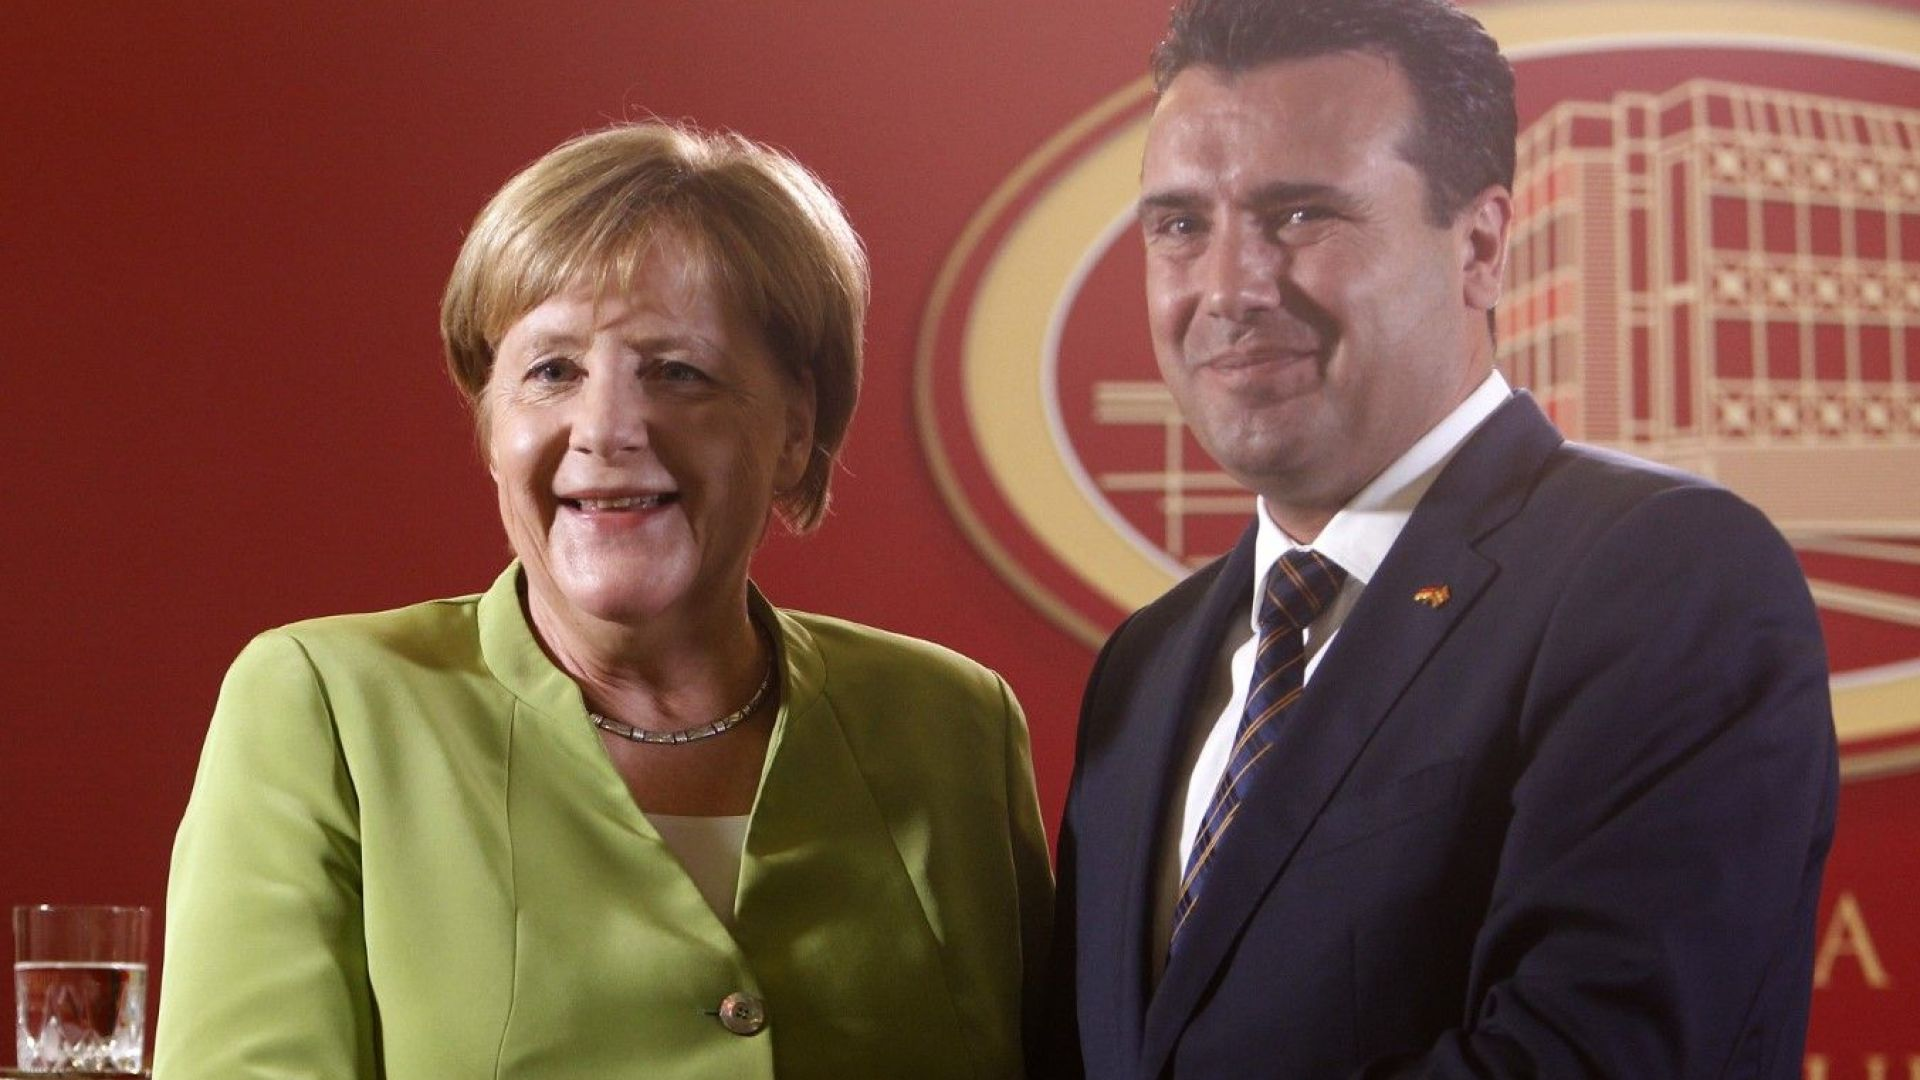 Заев: Посещението на Меркел гарантира присъединяването на Македония към ЕС и НАТО